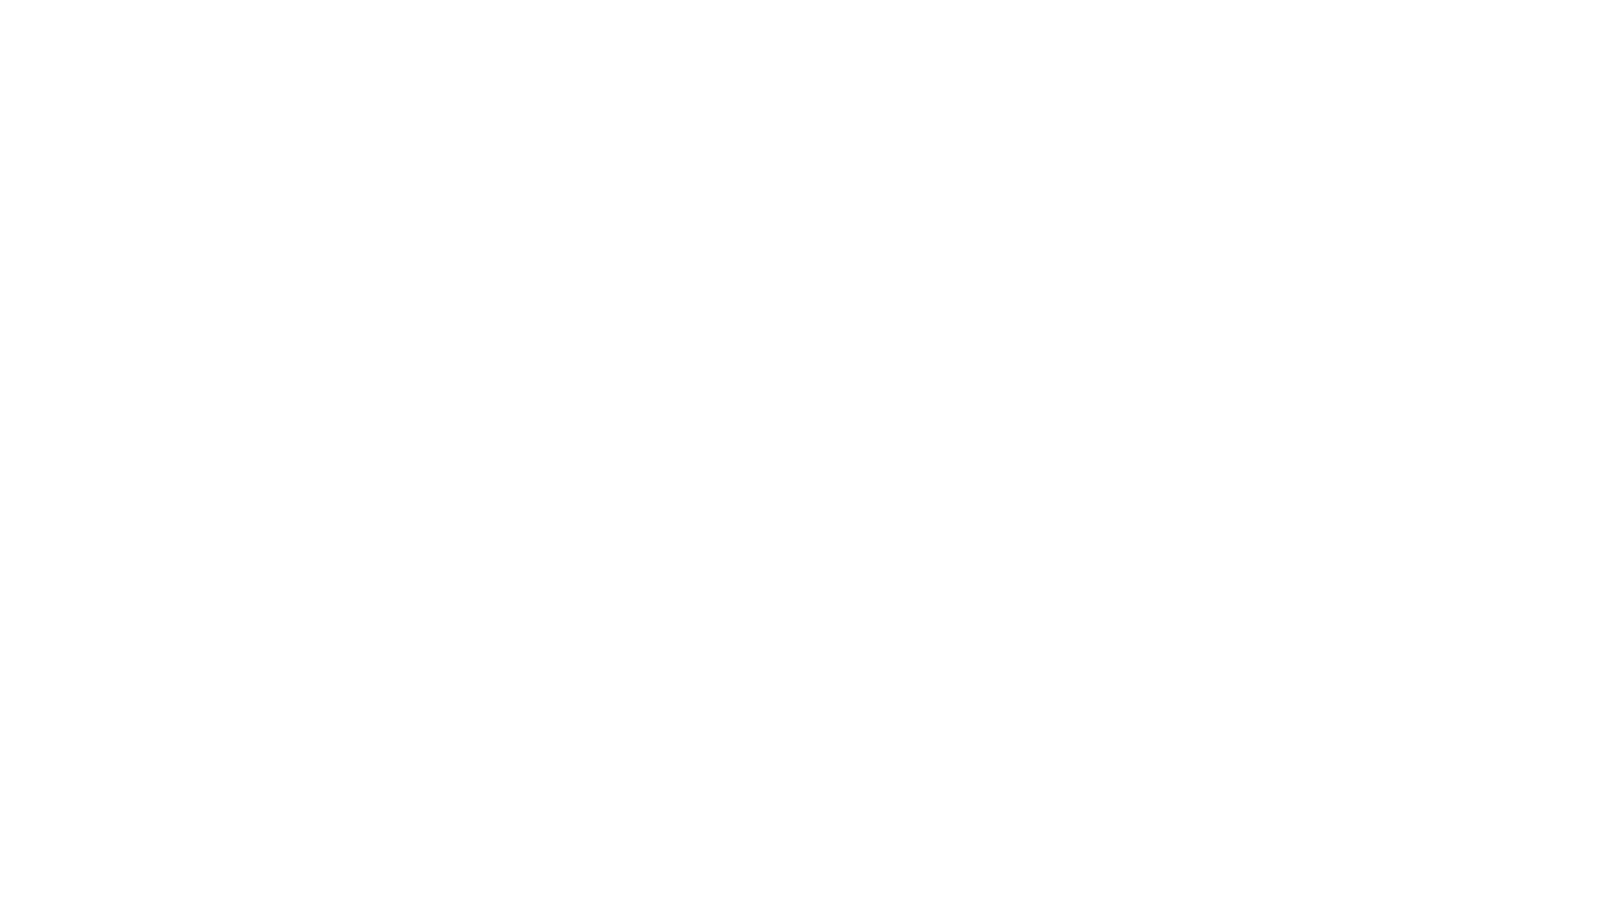 Nesta primeira Live do Ano de 2021 conversamos o Astrólogo e Coach do Novo Tempo Sergio Frug para contar o que a Astrologia profunda nos fala sobre o ano de 2021 e esta nova fase da humanidade.   Conversamos também sobre a grande mudança de vida que Sergio fez ao abandonar a Engenharia pela Astrologia, e sobre como o estudo da Astrologia pode ser uma ferramenta profunda de autoconhecimento e conhecimento do mundo, e aliada a outras ferramentas, como o próprio Sergio faz, mesclando seus saberes com a Antroposofia, Rio Aberto, e outros.  Para se conectar com Sérgio Frug, seus grupos de estudo e atendimentos, entre em contato com ele pelo direct do Insta @sergiofrug  Aproveite para se inscrever aqui no nosso canal e receber sempre nossos vídeos, e nos seguir também no Insta @receitaspraserfelizreal, com assuntos de transição e nova era, cuidar de si e do outro, inovação no trabalho, arte e cultura e faça você mesmo.